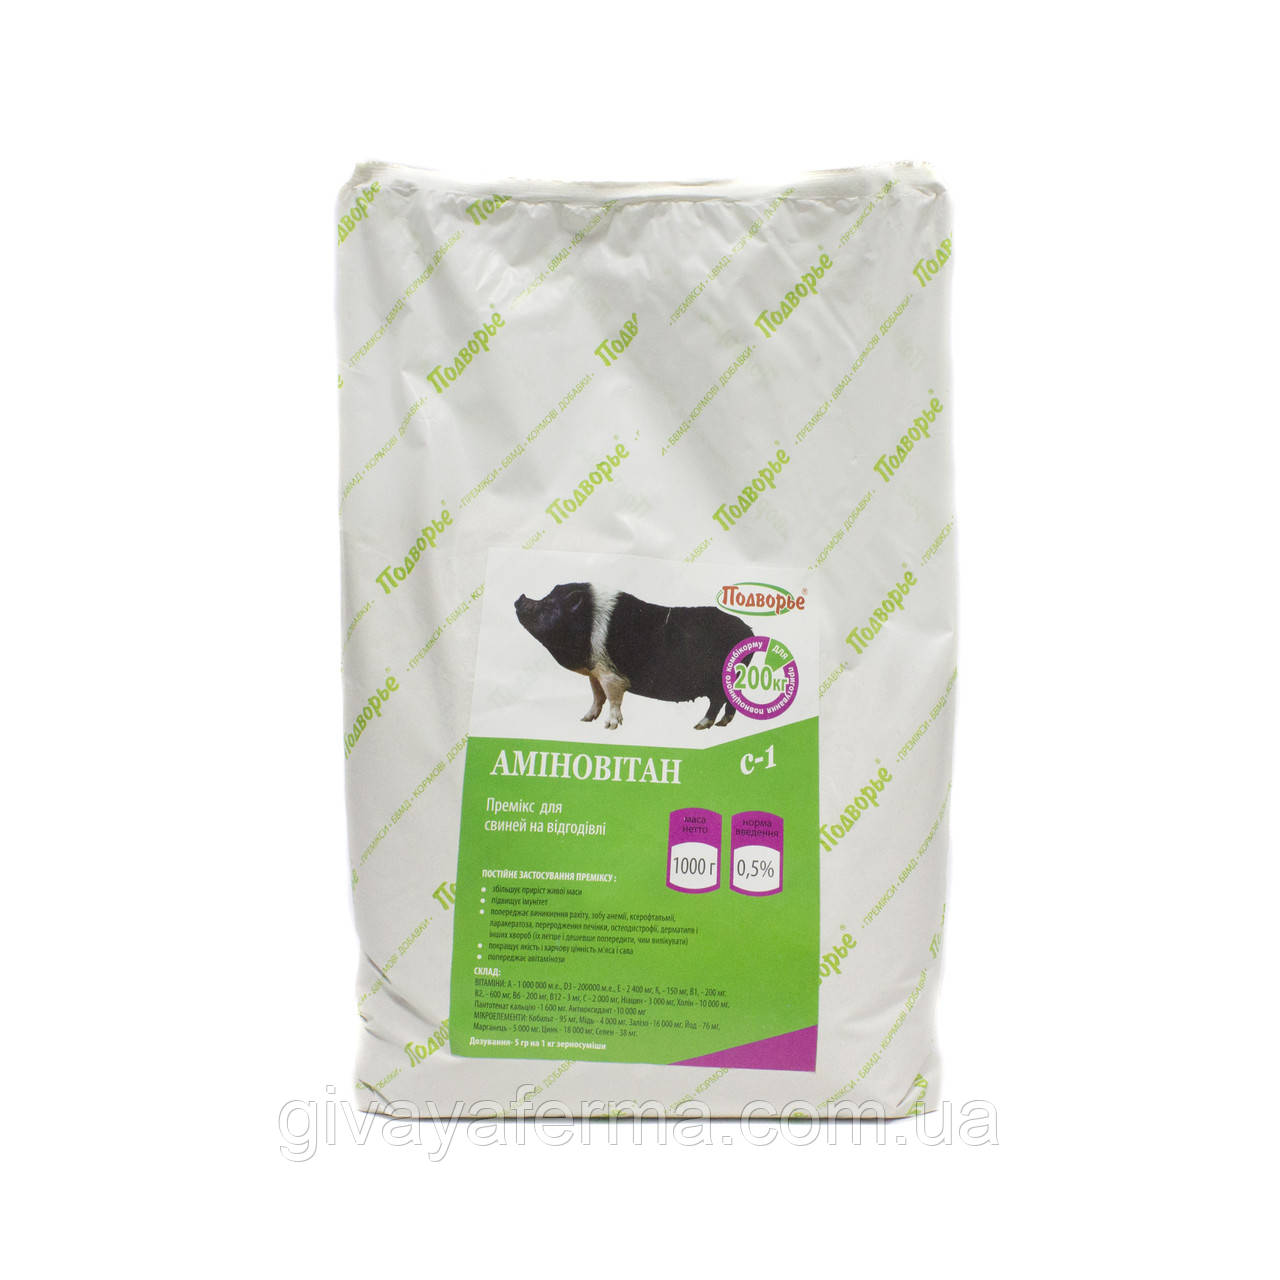 Премикс Аминовитан С1 свиньи на откорме 0,5%, 1 кг